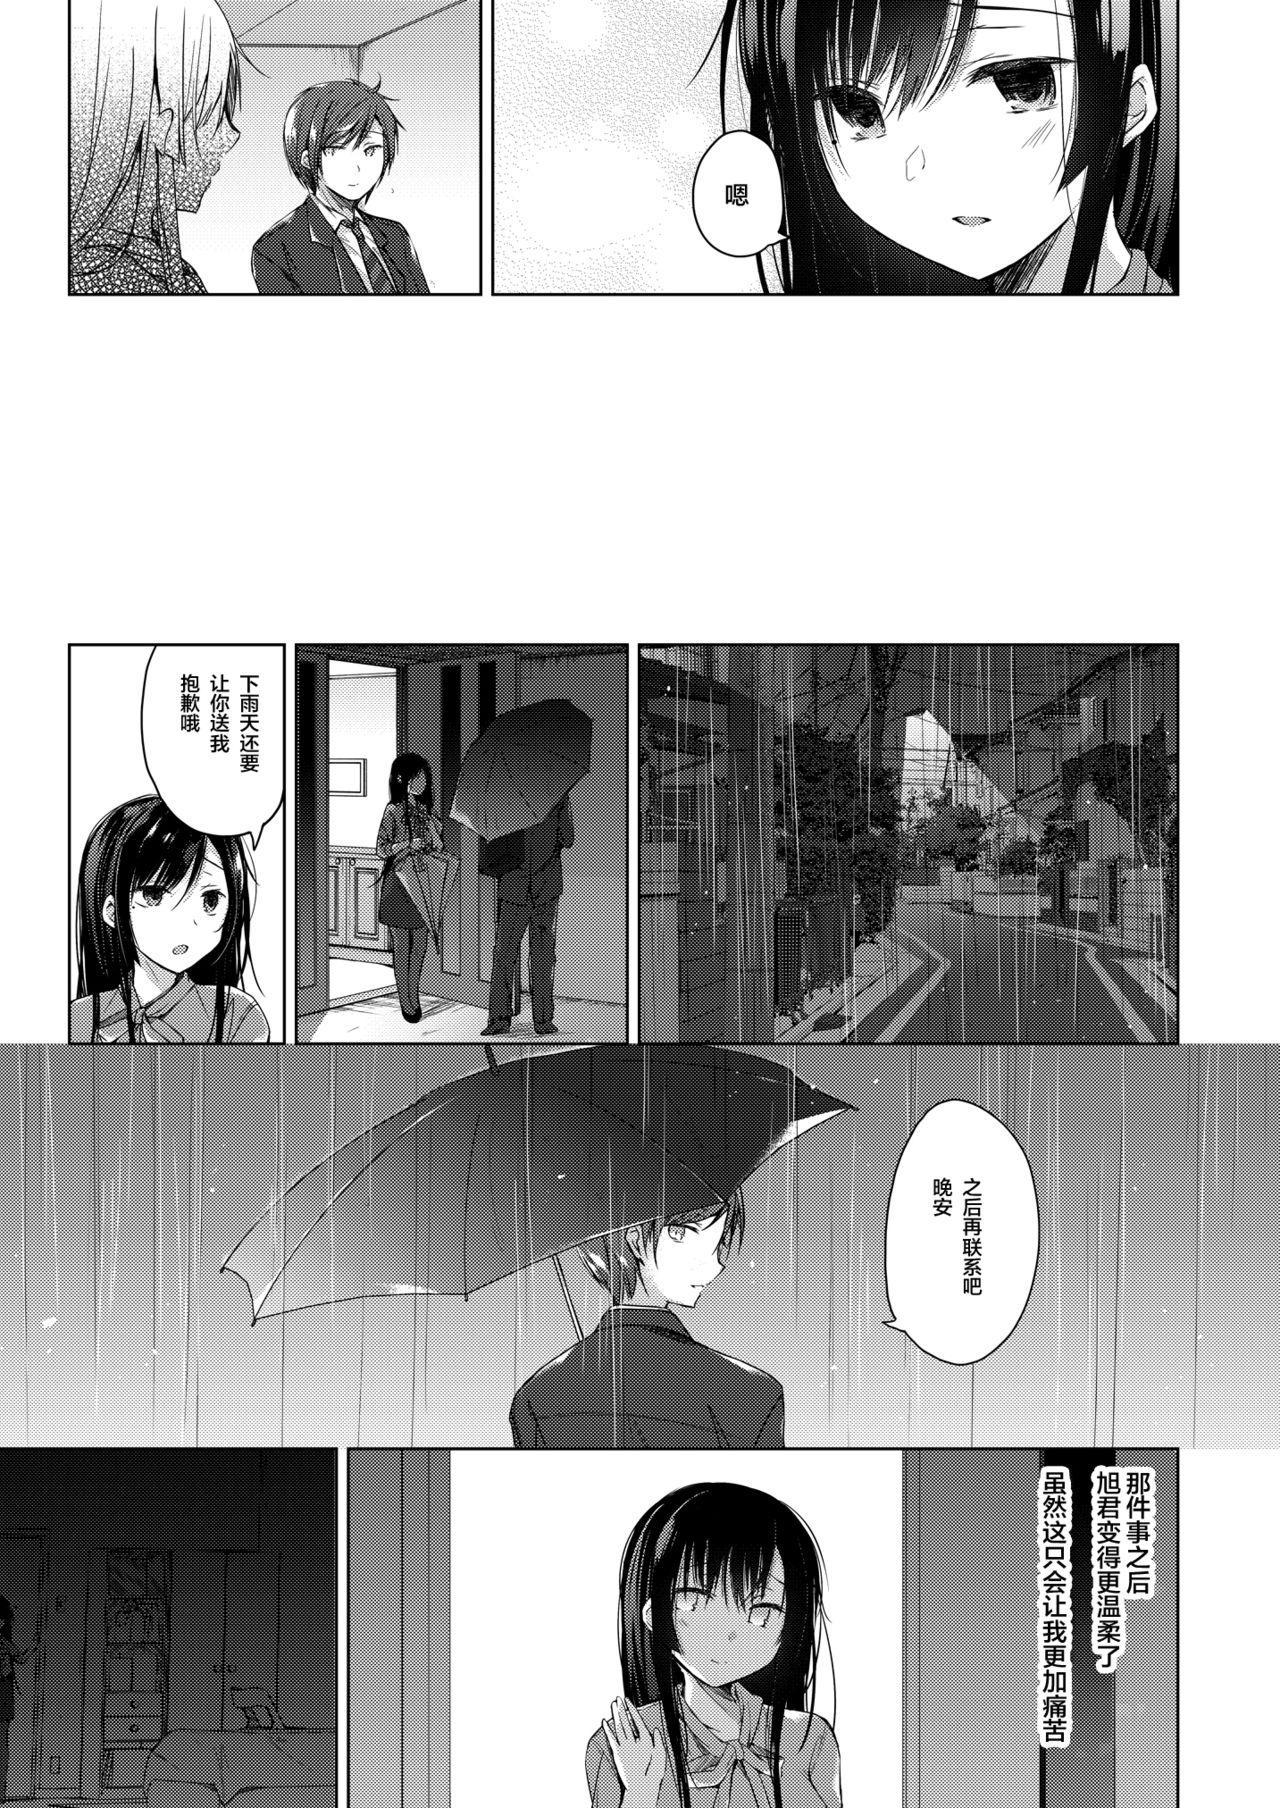 Ero Doujin Sakka no Boku no Kanojo wa Uwaki nante Shinai. 3 - She will never let me down. 10